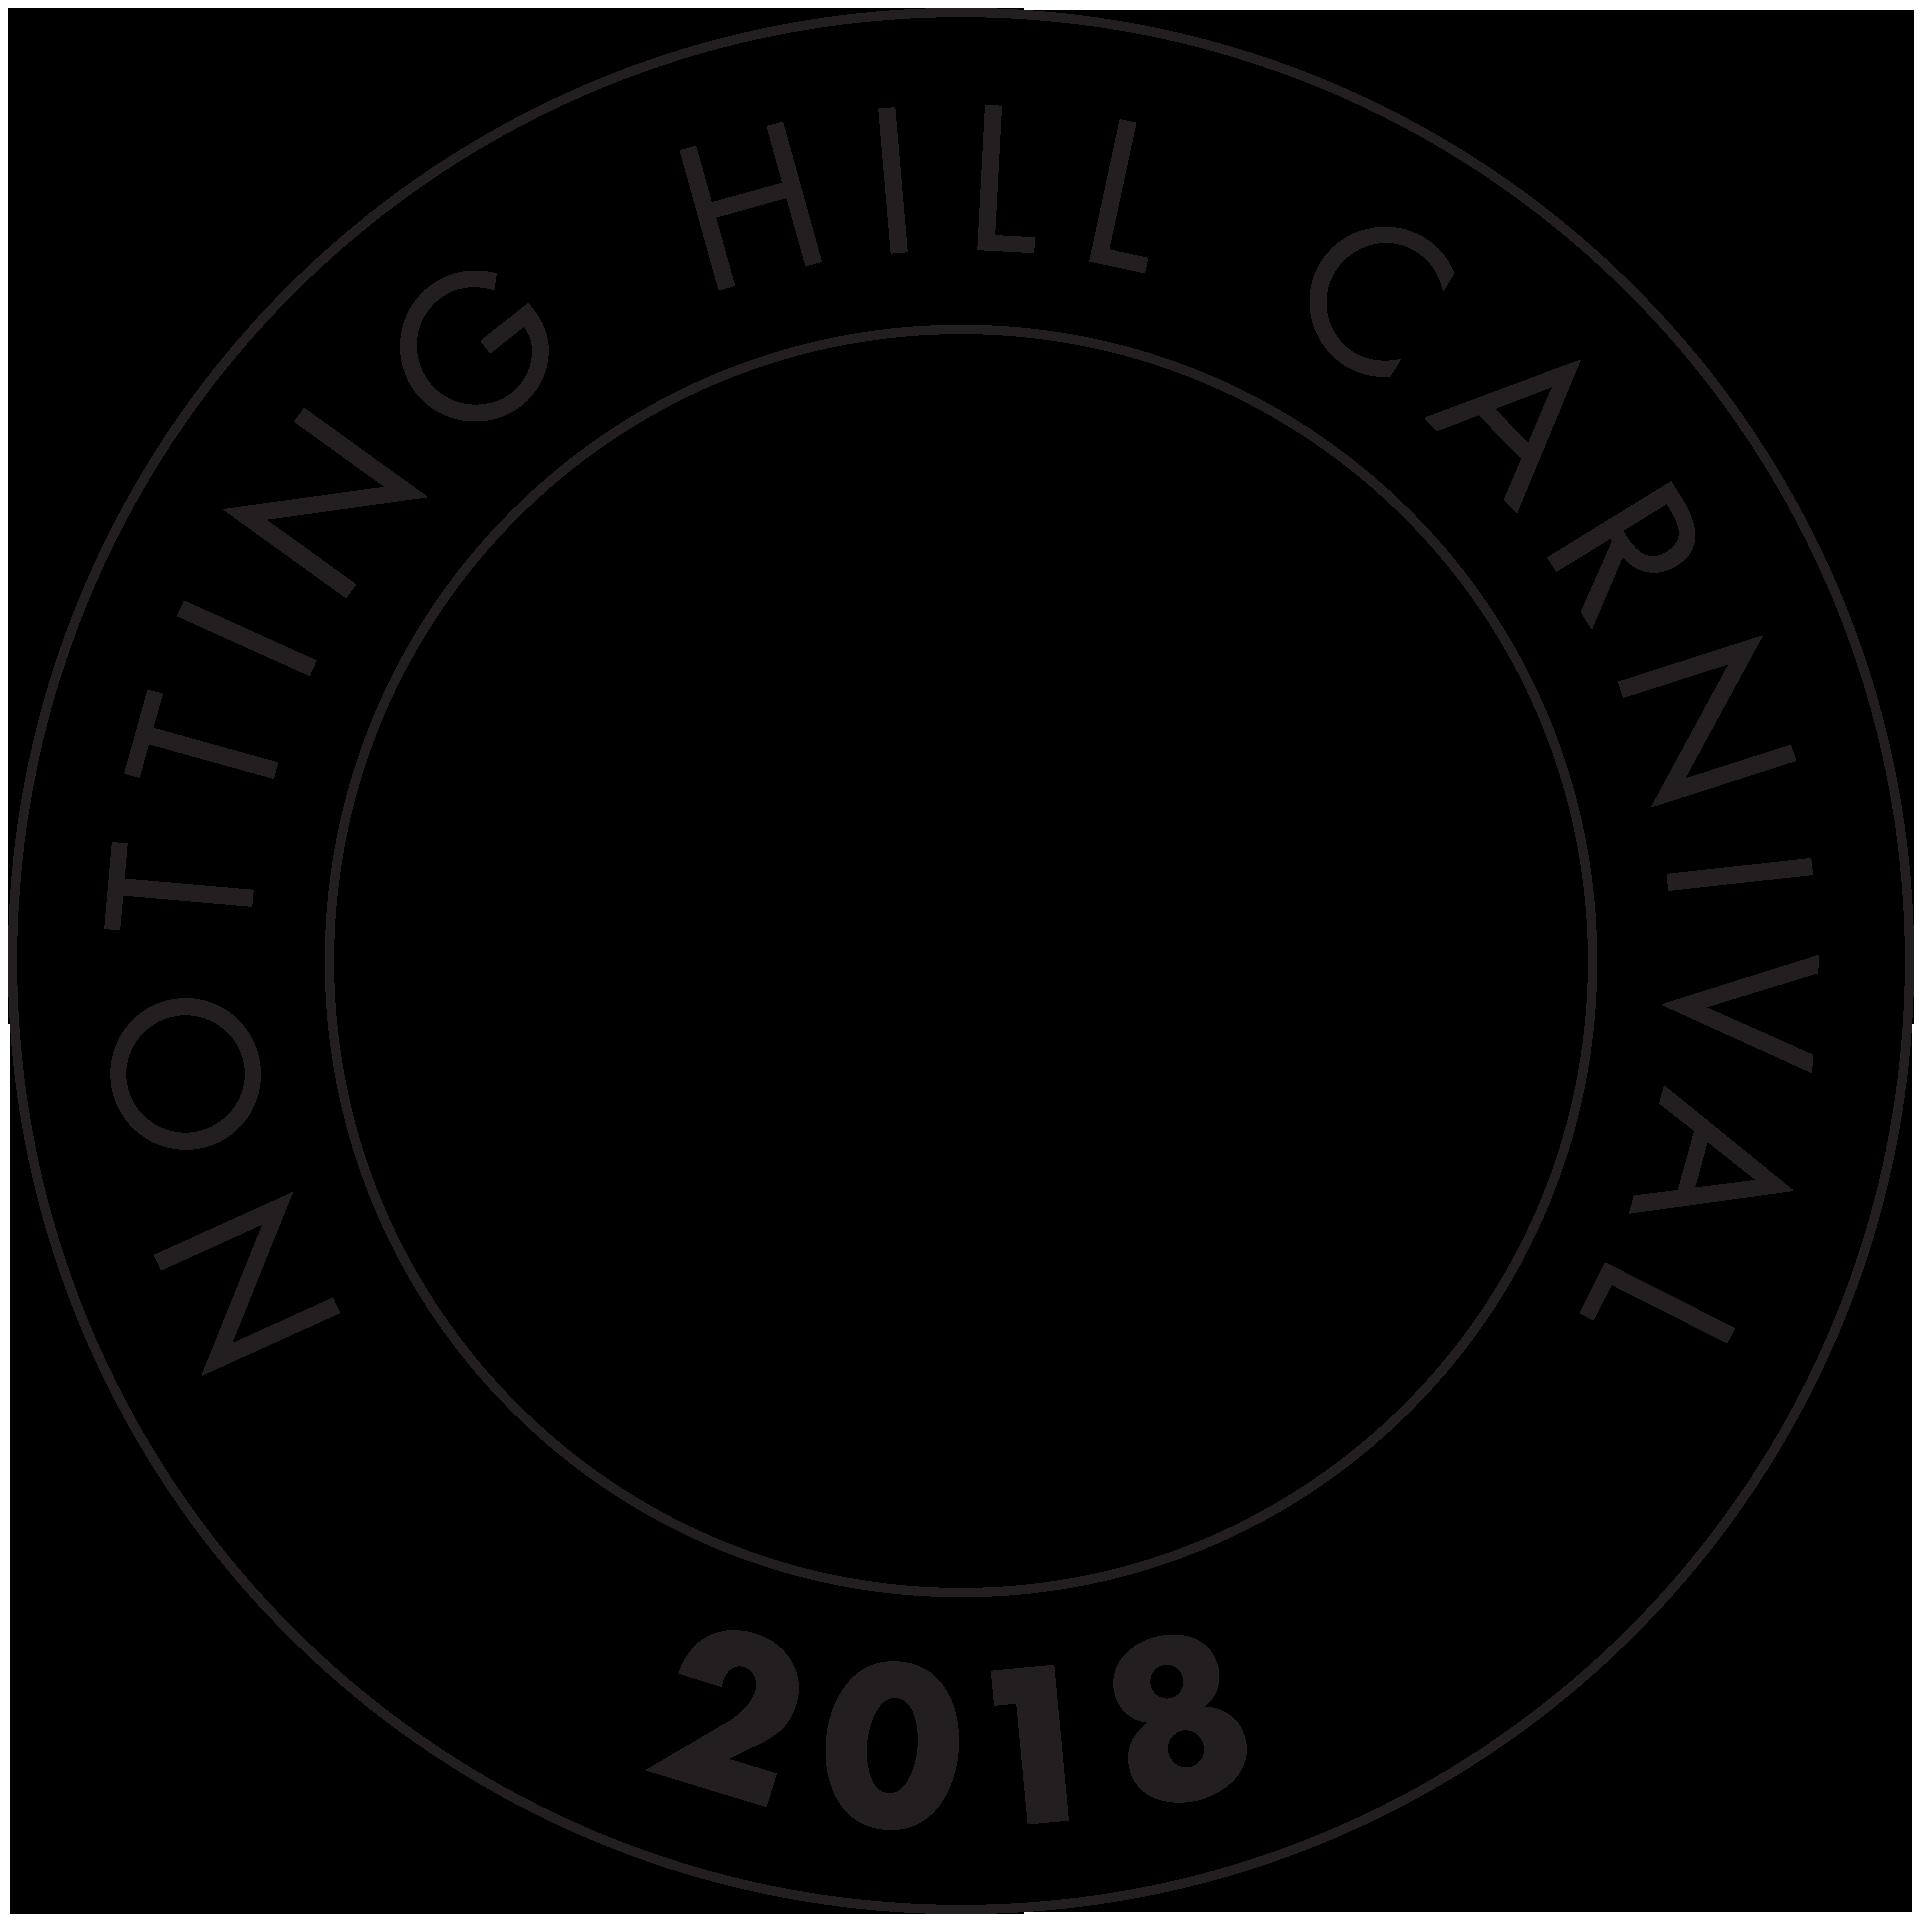 NHcarnivalLtd_companyseal_2018.png